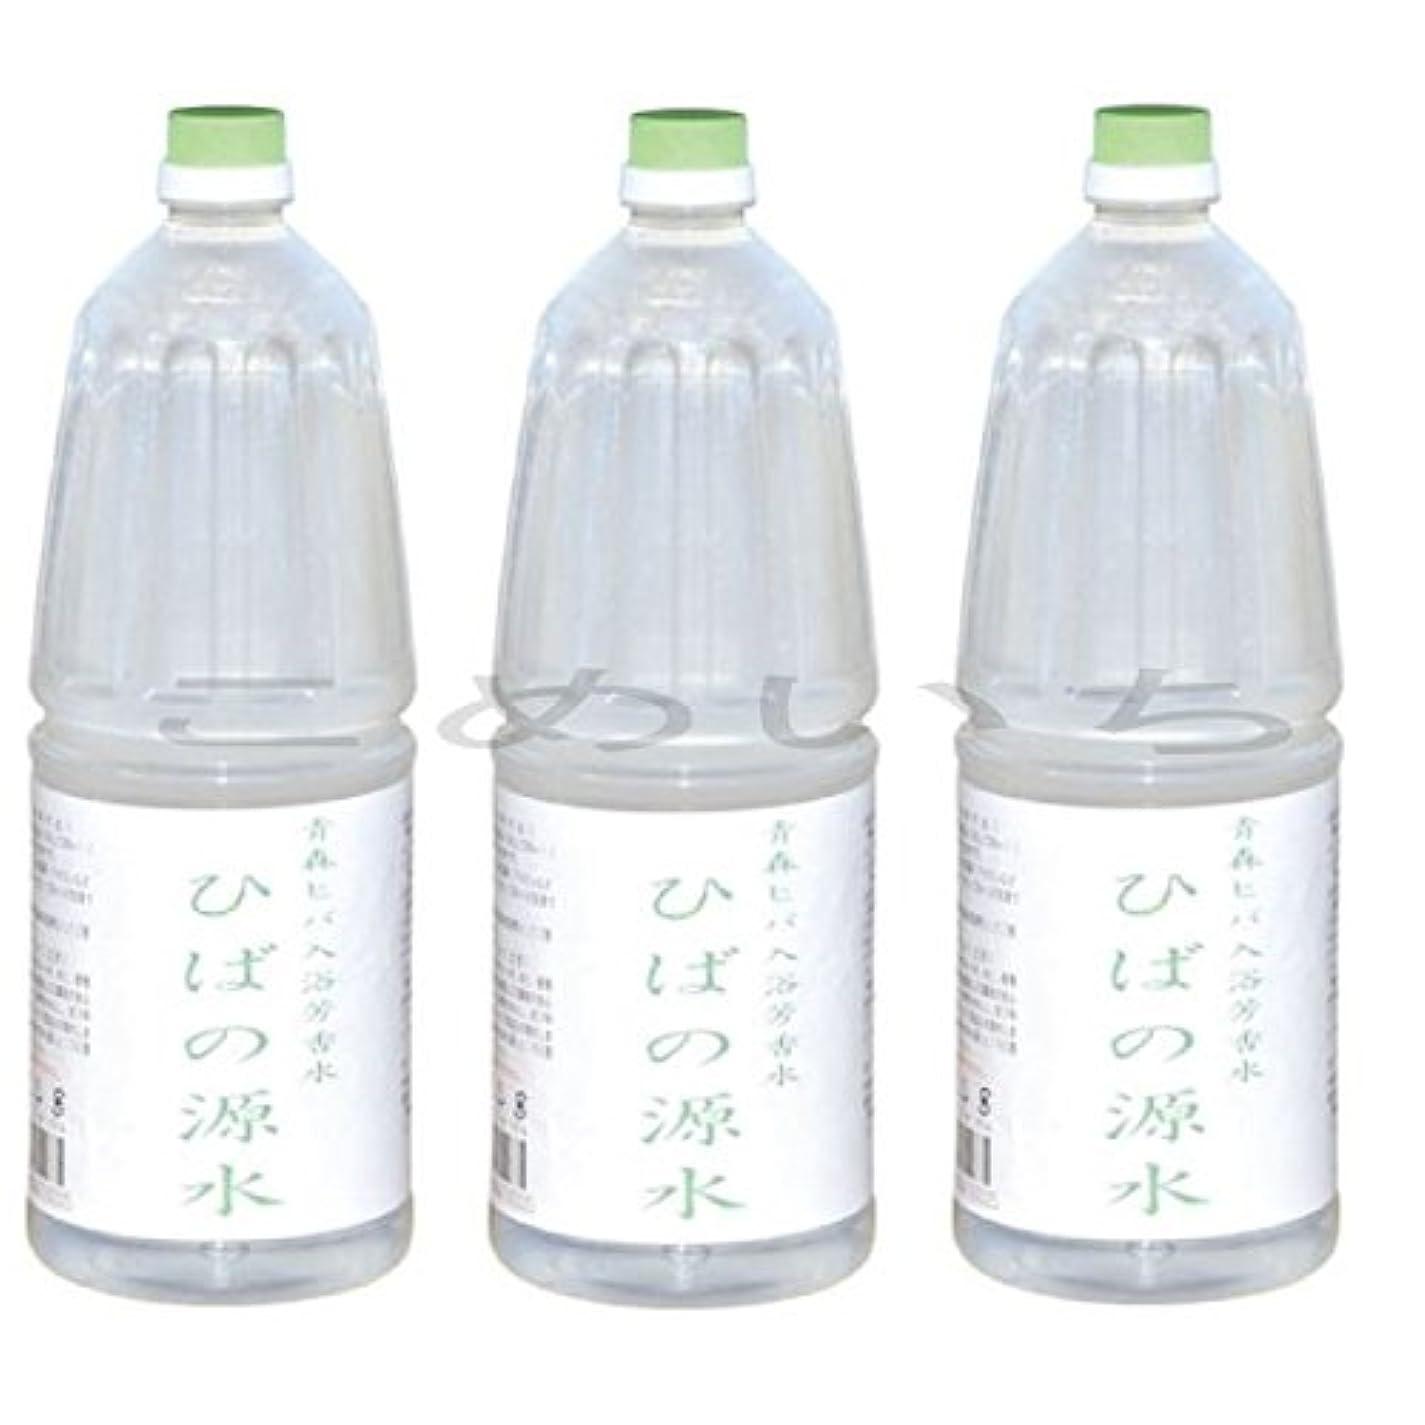 リズミカルな繁雑ジュニア青森ひば蒸留水 ひばの源水1800ml×3本